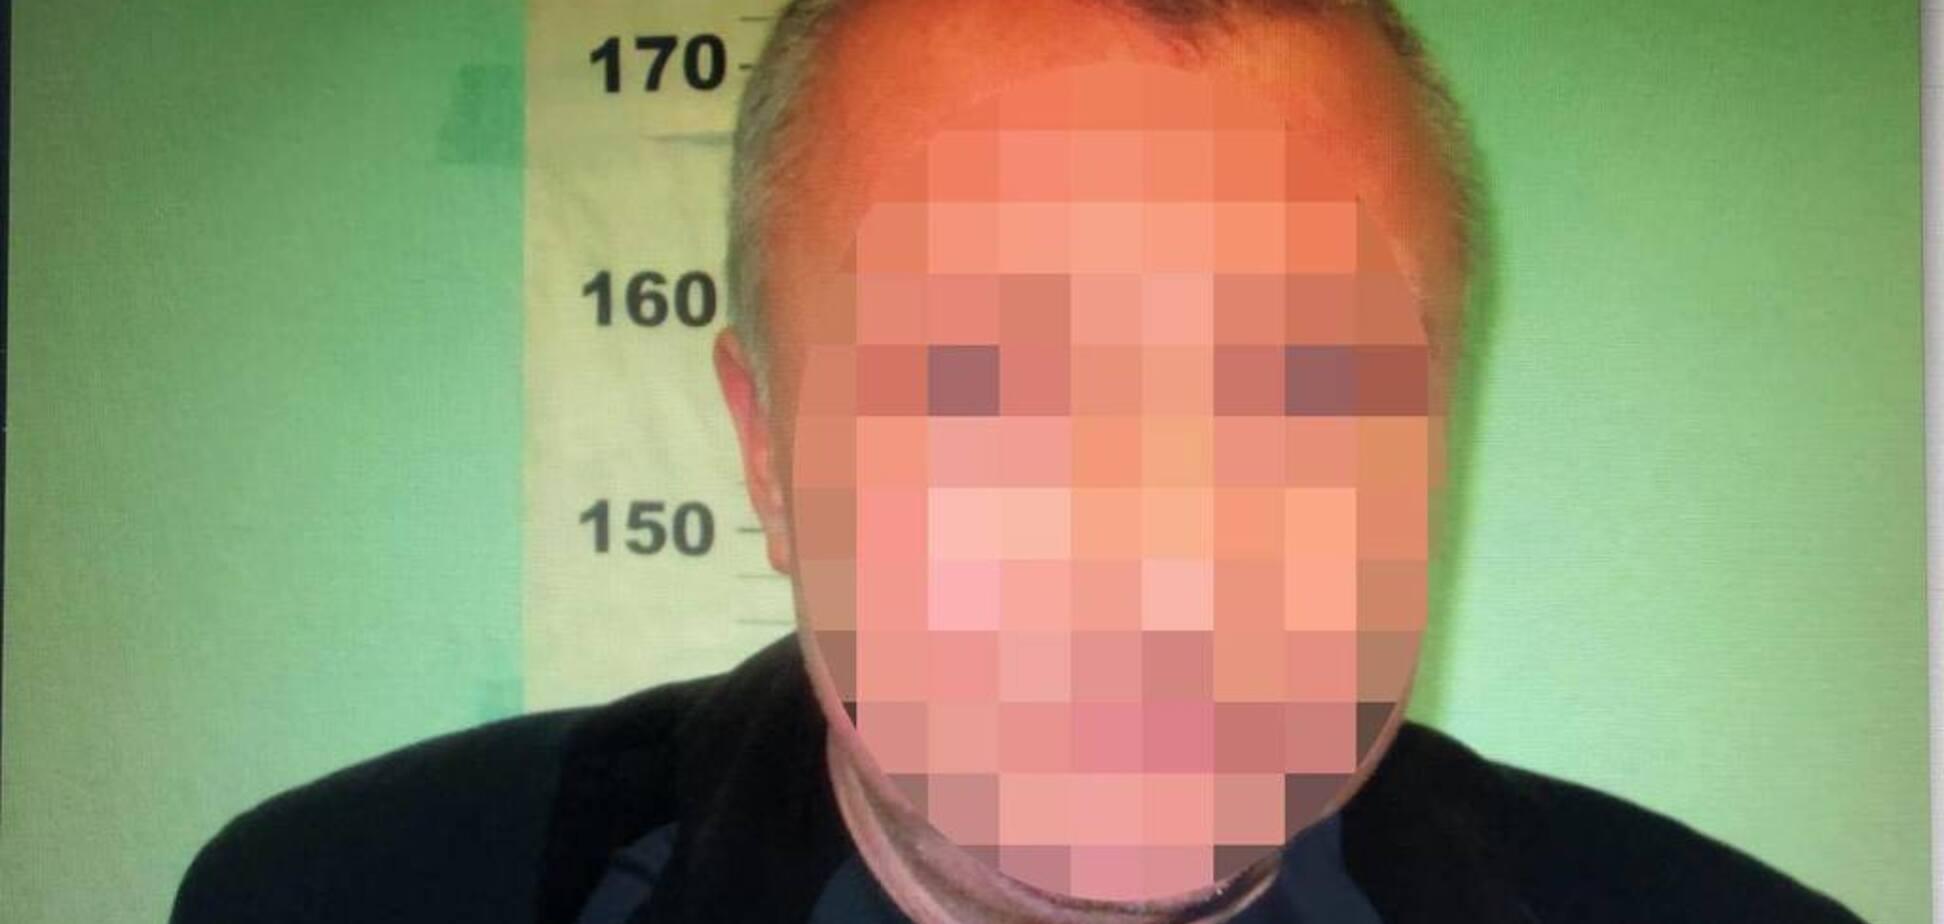 Показывал половой орган: в метро Киева педофил атаковал ребенка